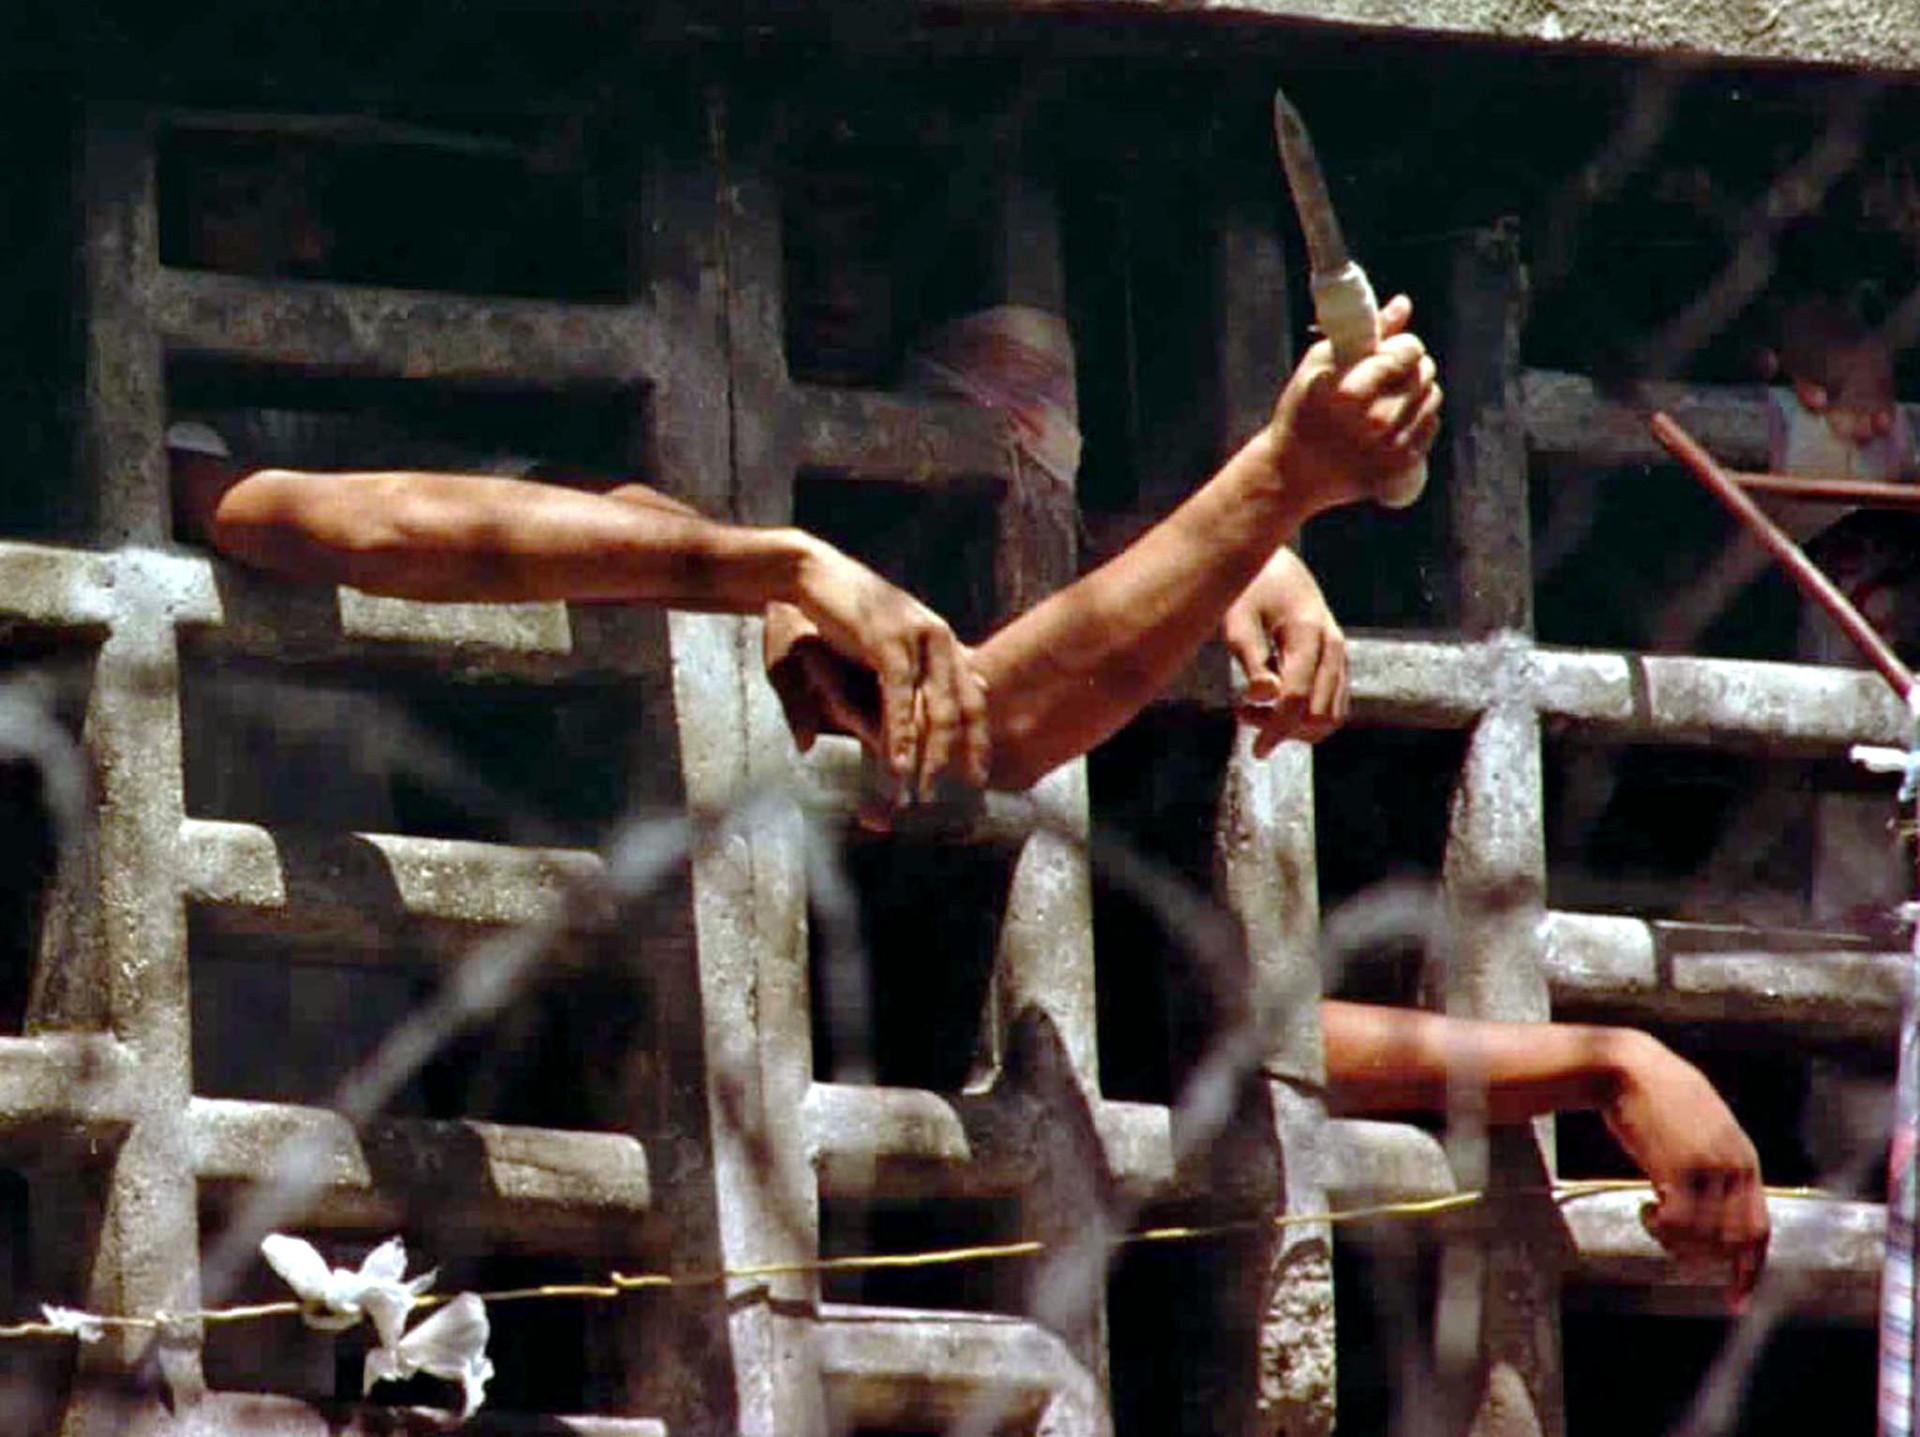 As prisões mais perigosas (e violentas) do mundo